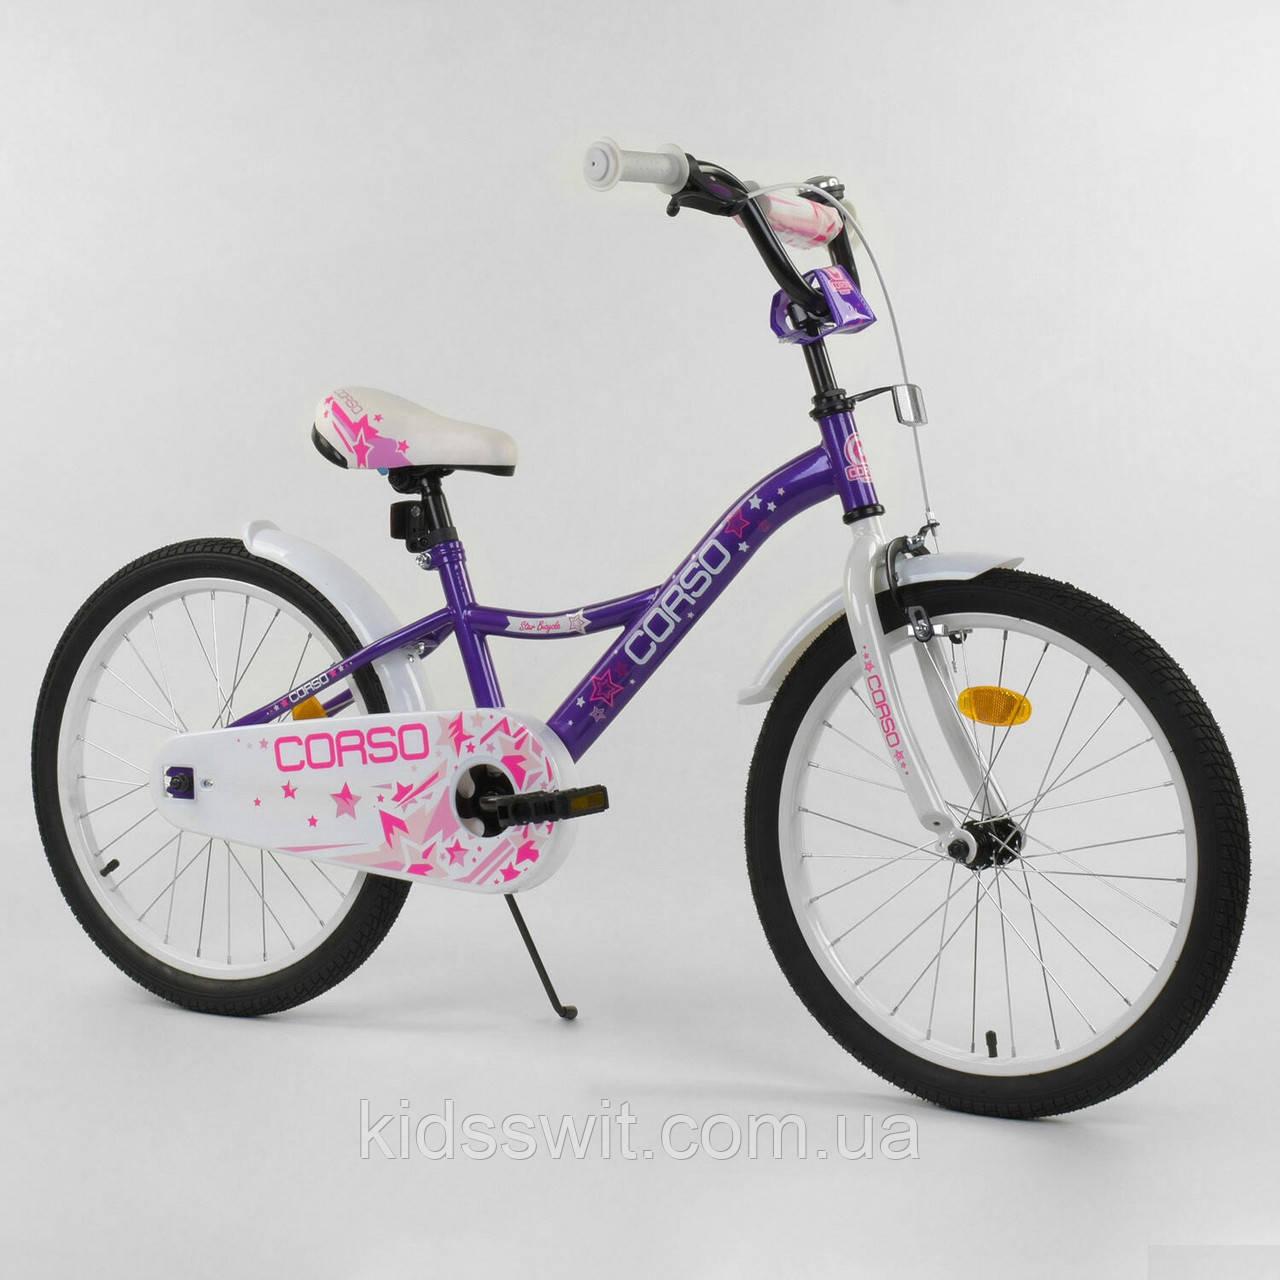 """Велосипед 20 дюймів 2-х колісний """"CORSO"""" фіолетовий, ручного гальма, дзвіночок, зібраний на 75% S-40471"""